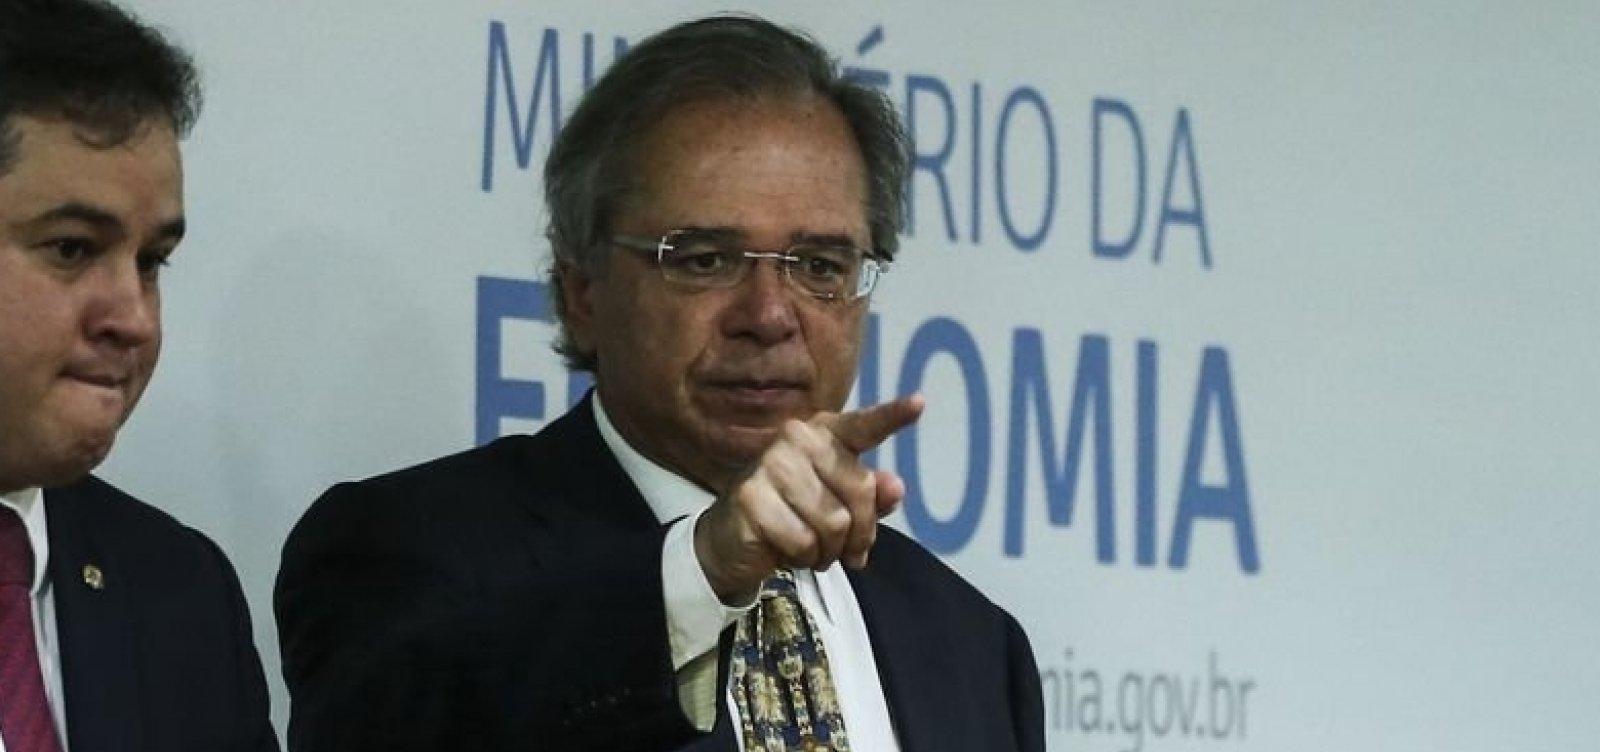 ['Queremos fazer a transformação do Estado brasileiro', afirma Guedes]